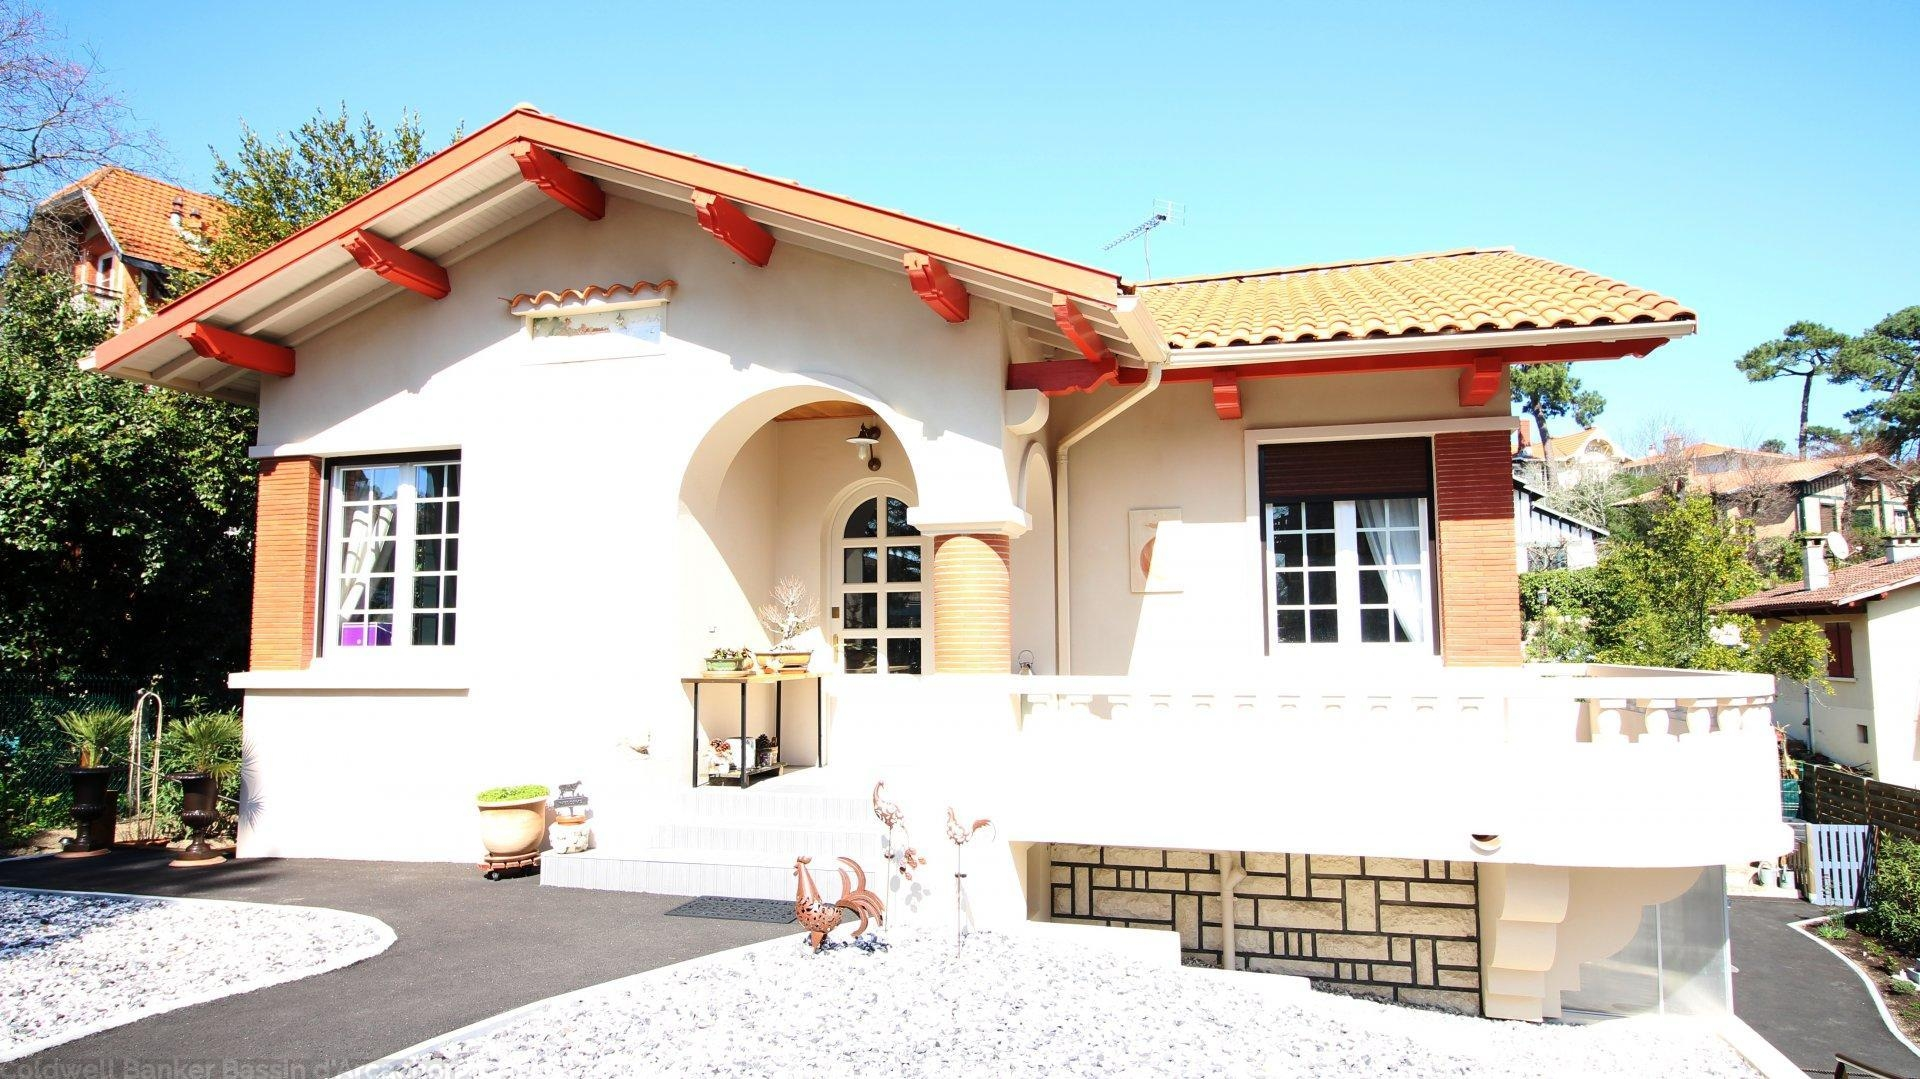 Villa rénovée à vendre à Arcachon - Pereire